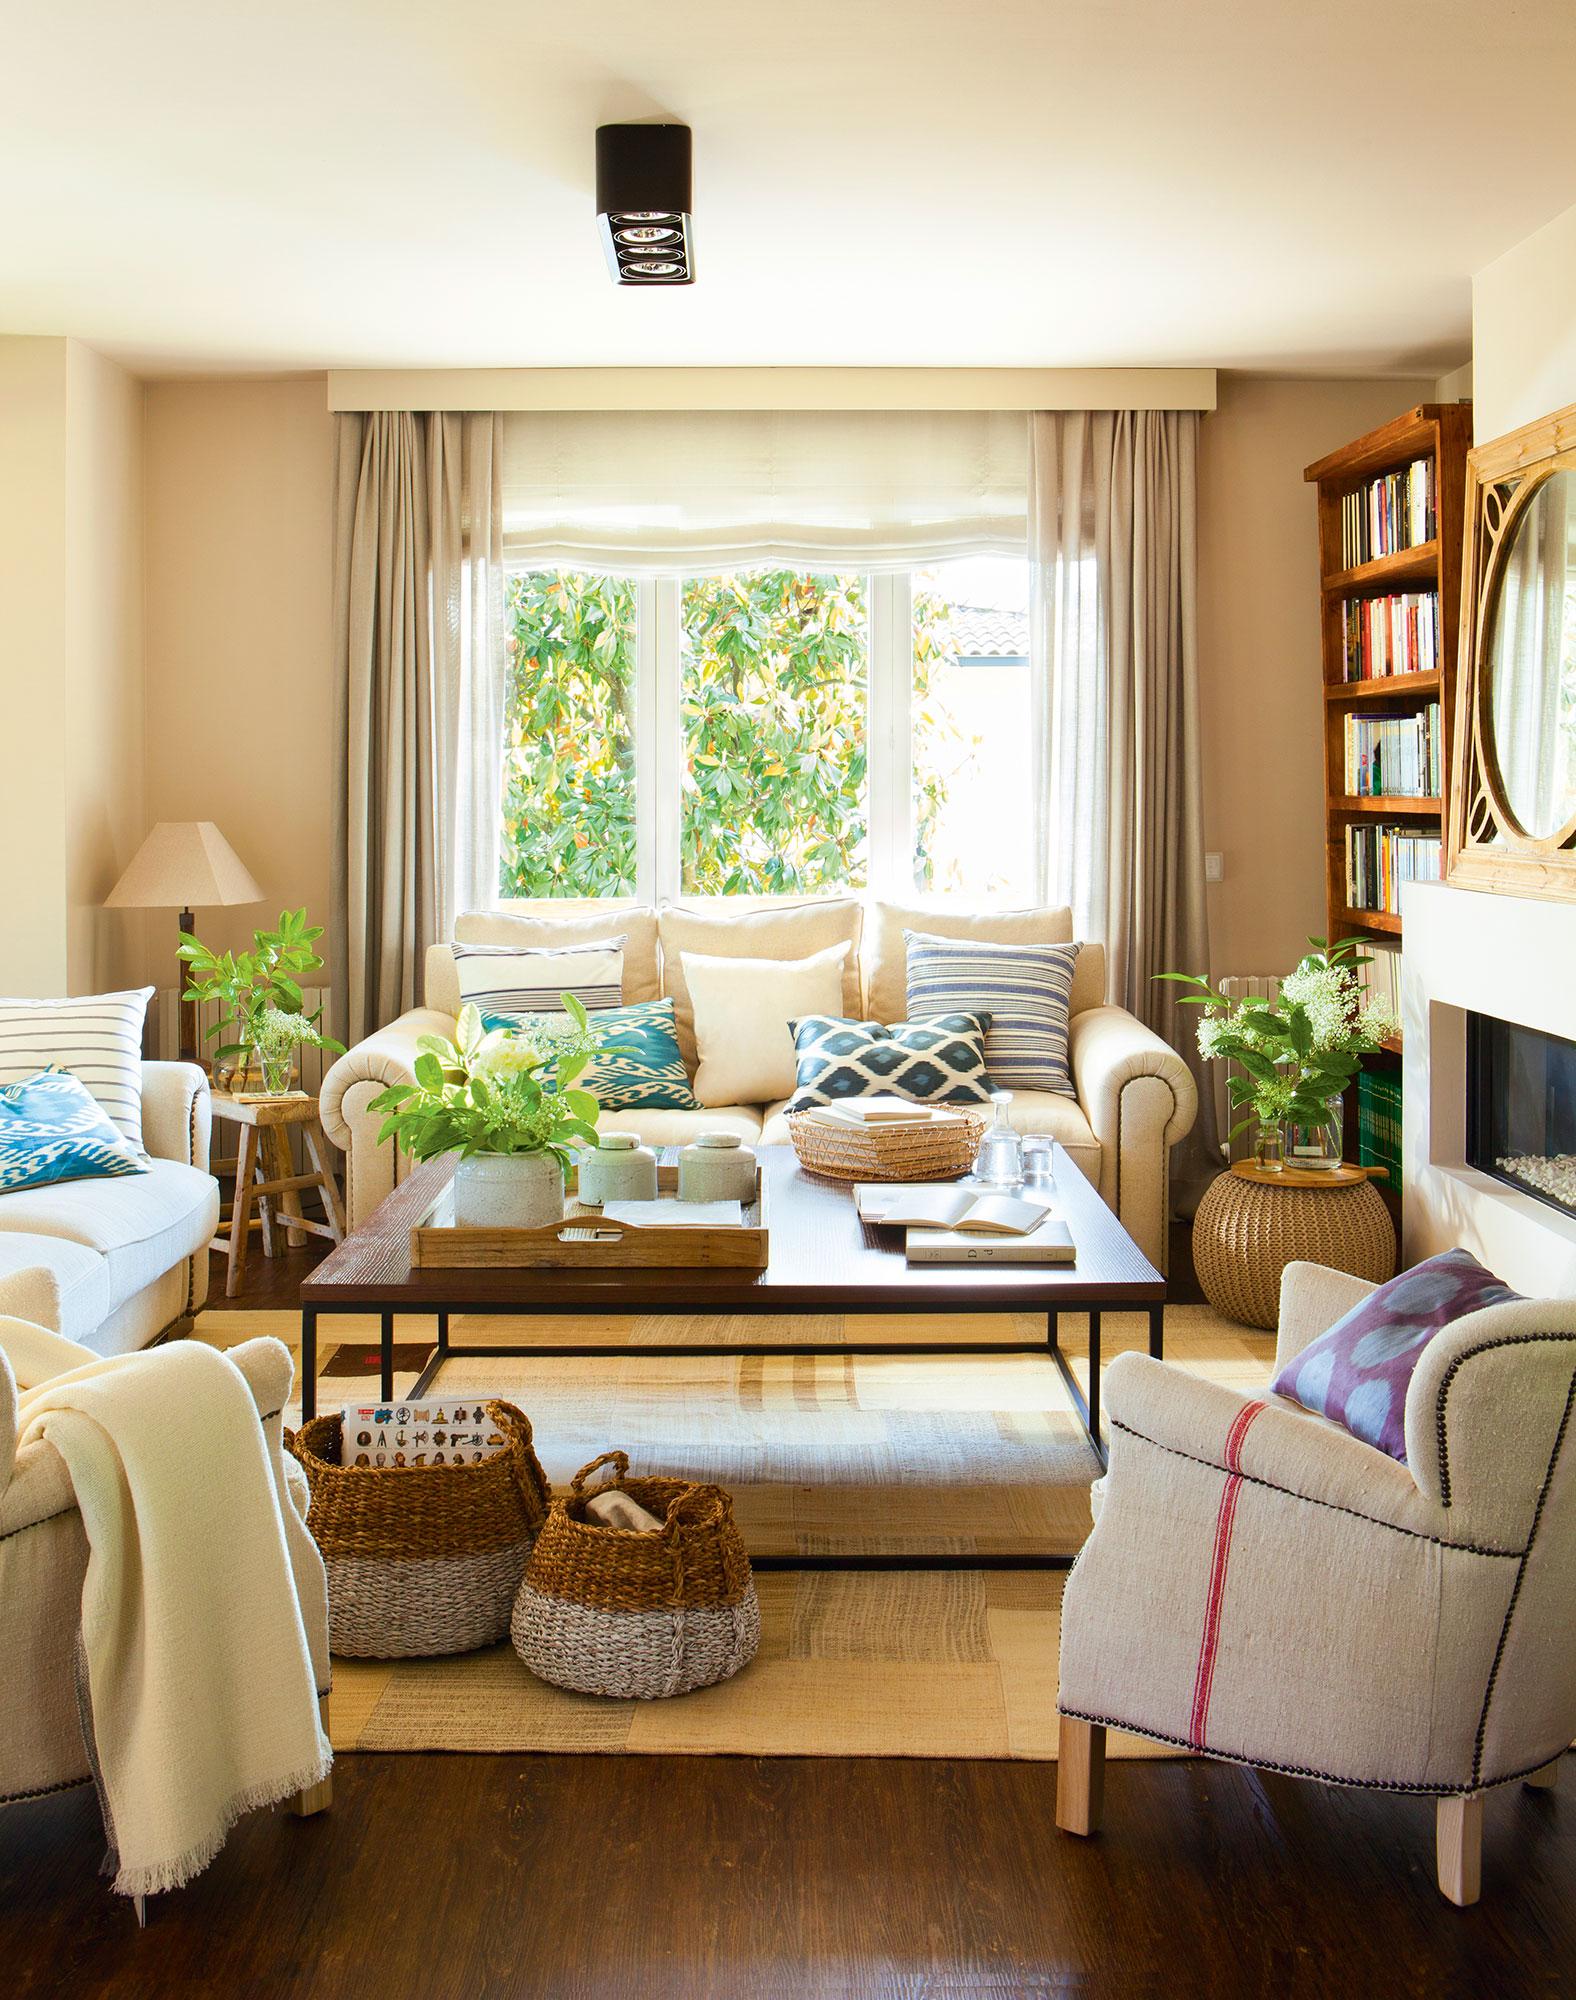 4 salones ideales ideas de decoradora para tener un sal n for Decoracion de puertas de salones